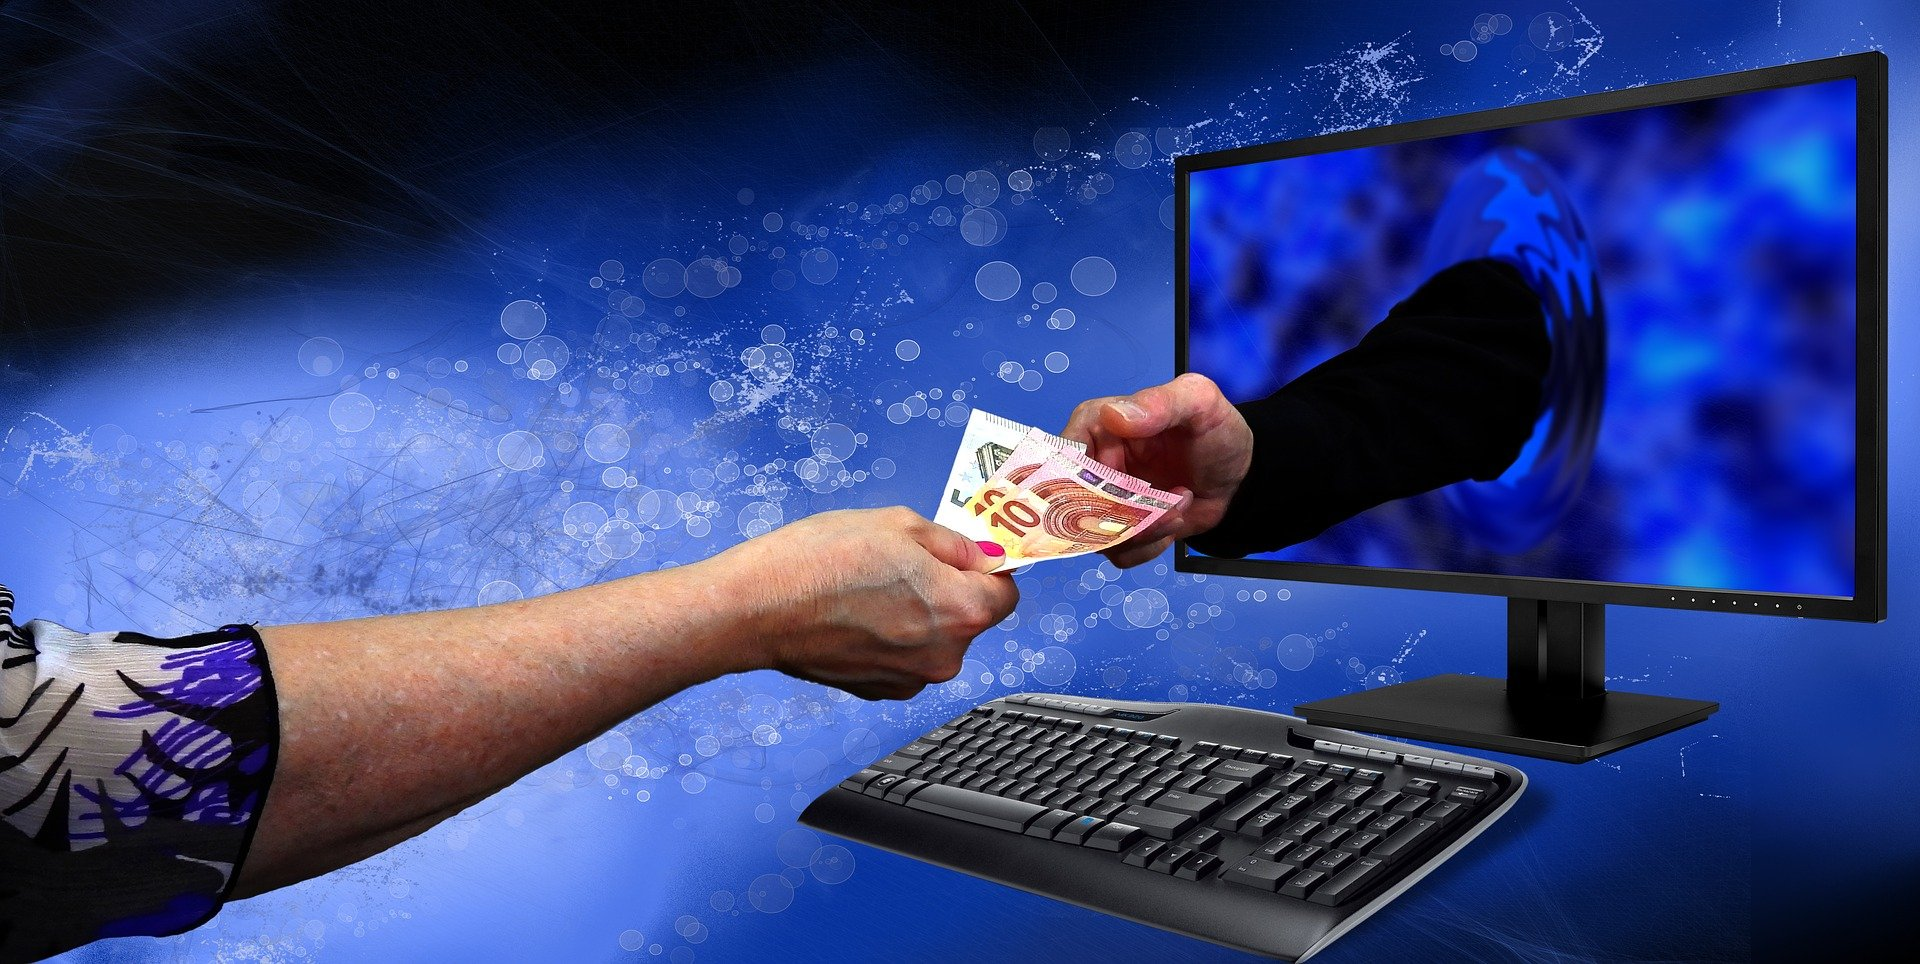 Fors meer ongebruikelijke transacties notarissen zijn verdacht verklaard - Mr. online